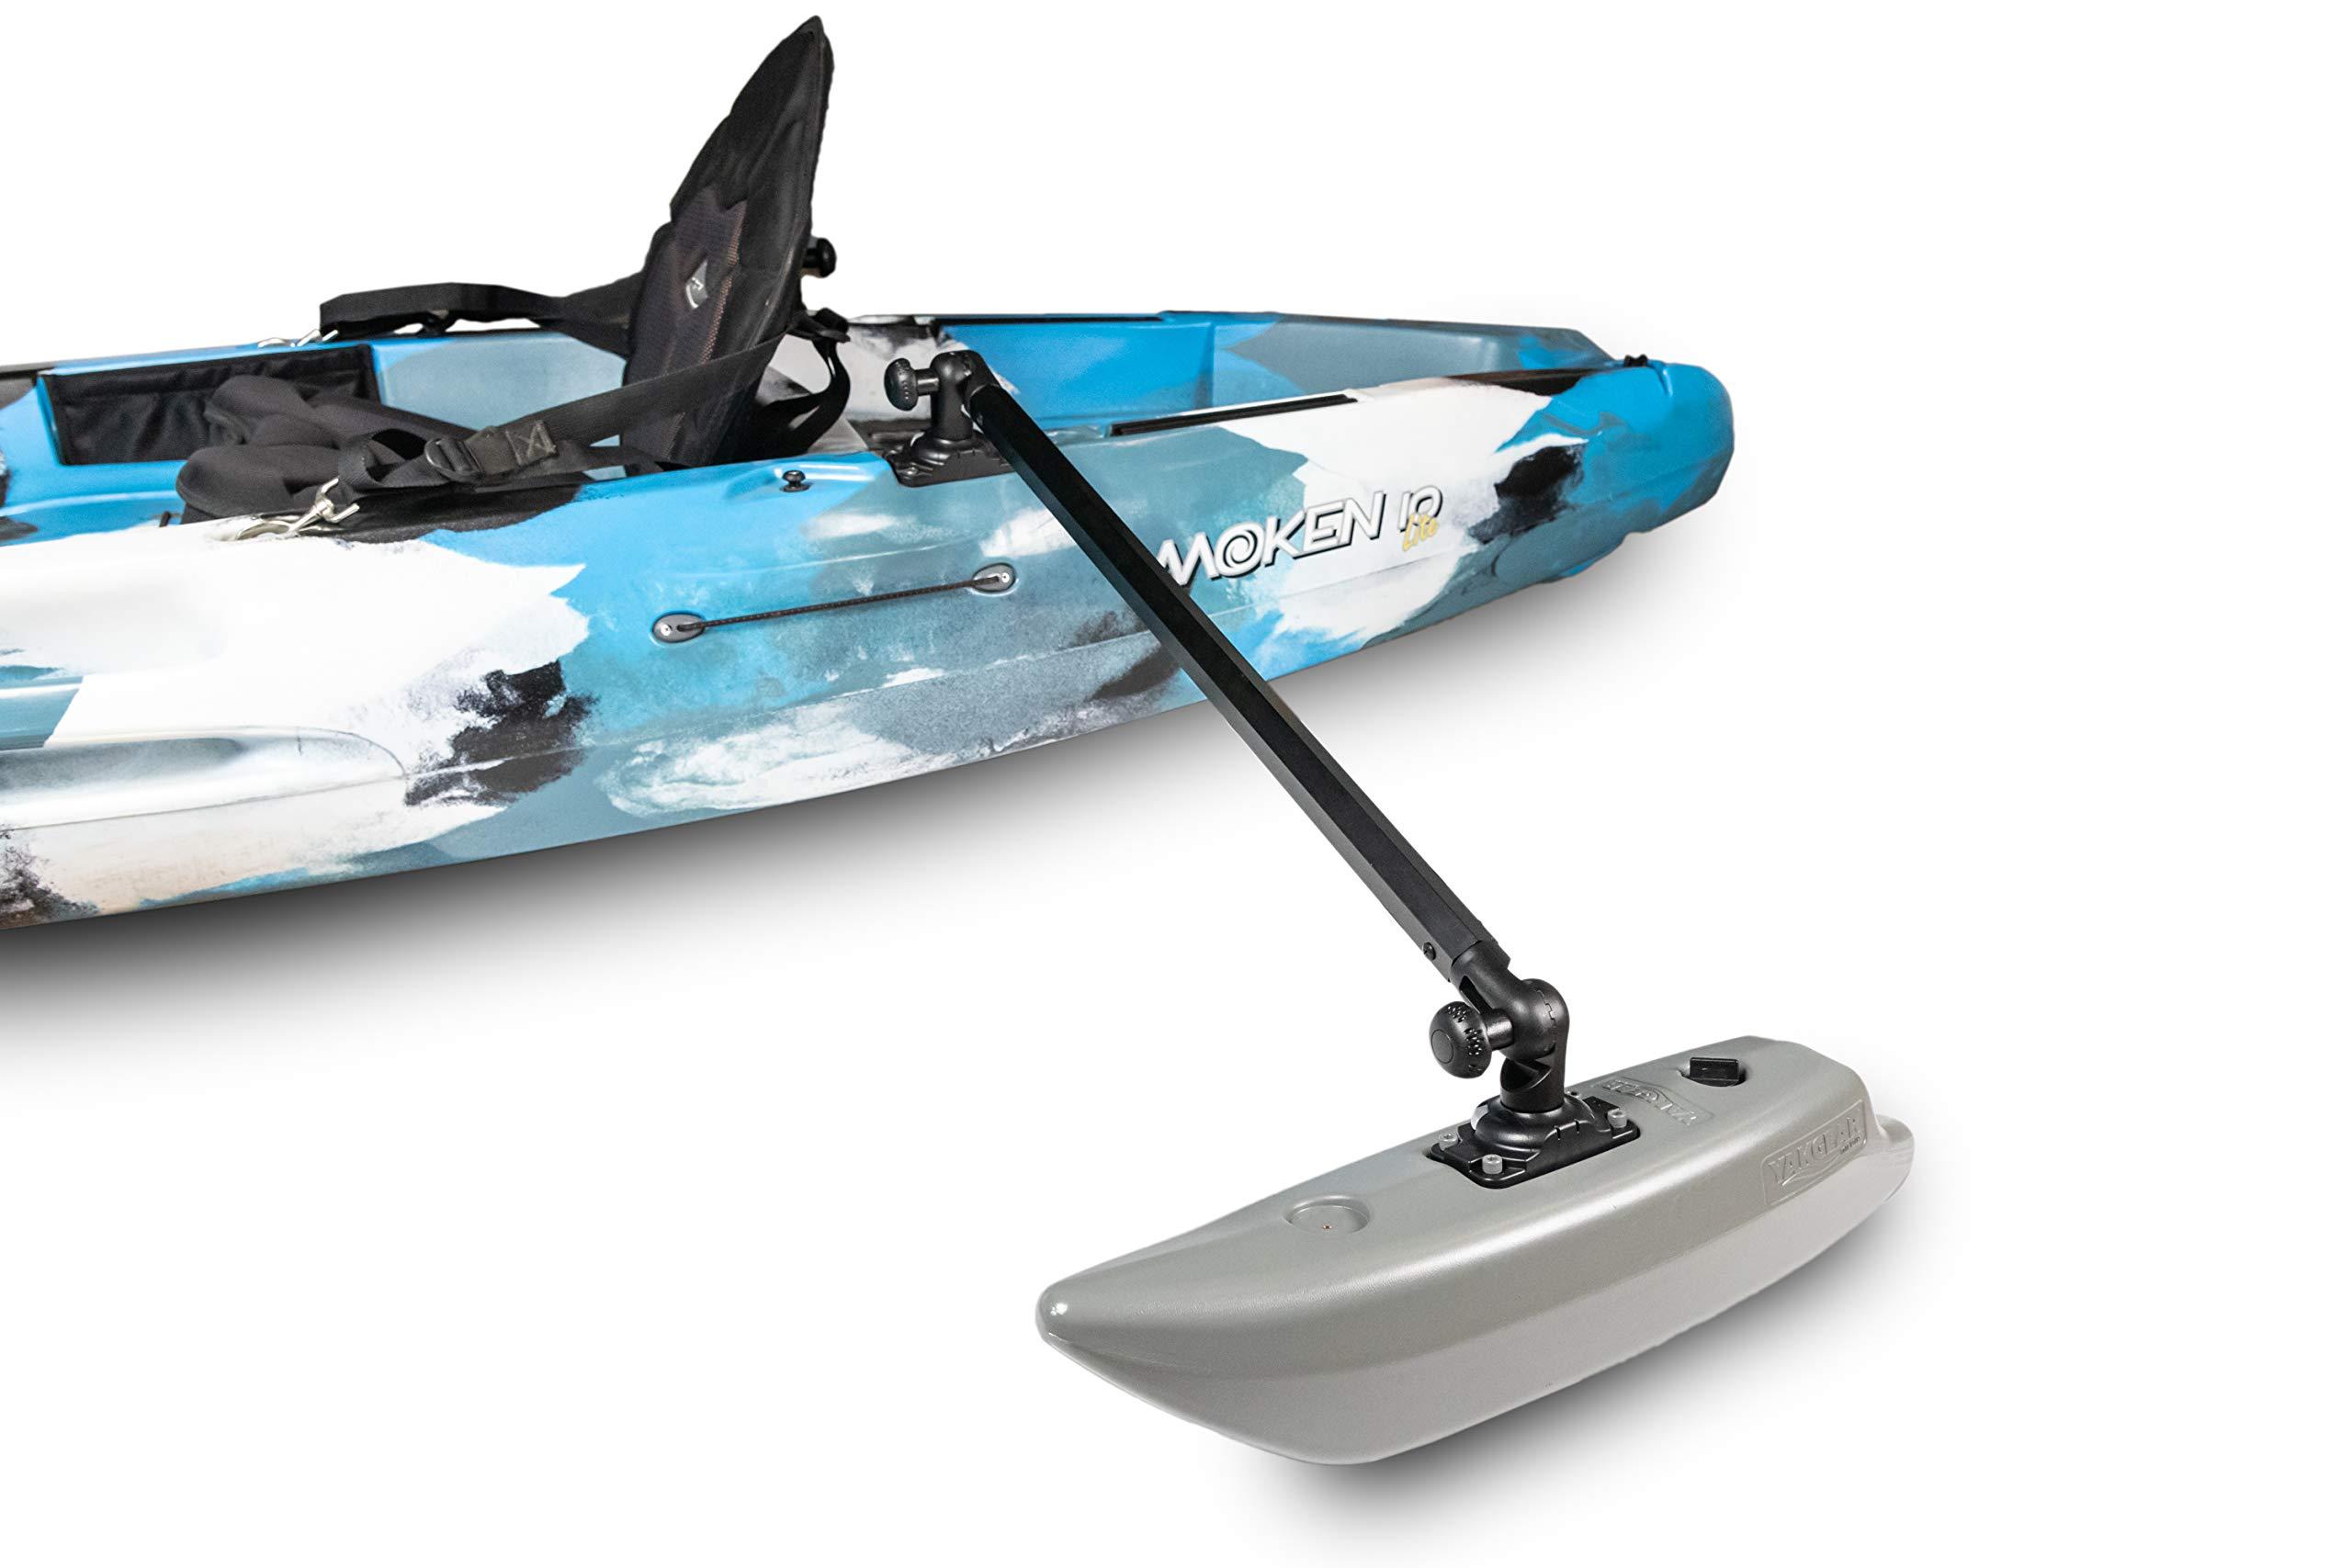 YakGear Kayak & Canoe Outrigger Stabilizers - Generation 2 by Yak-Gear